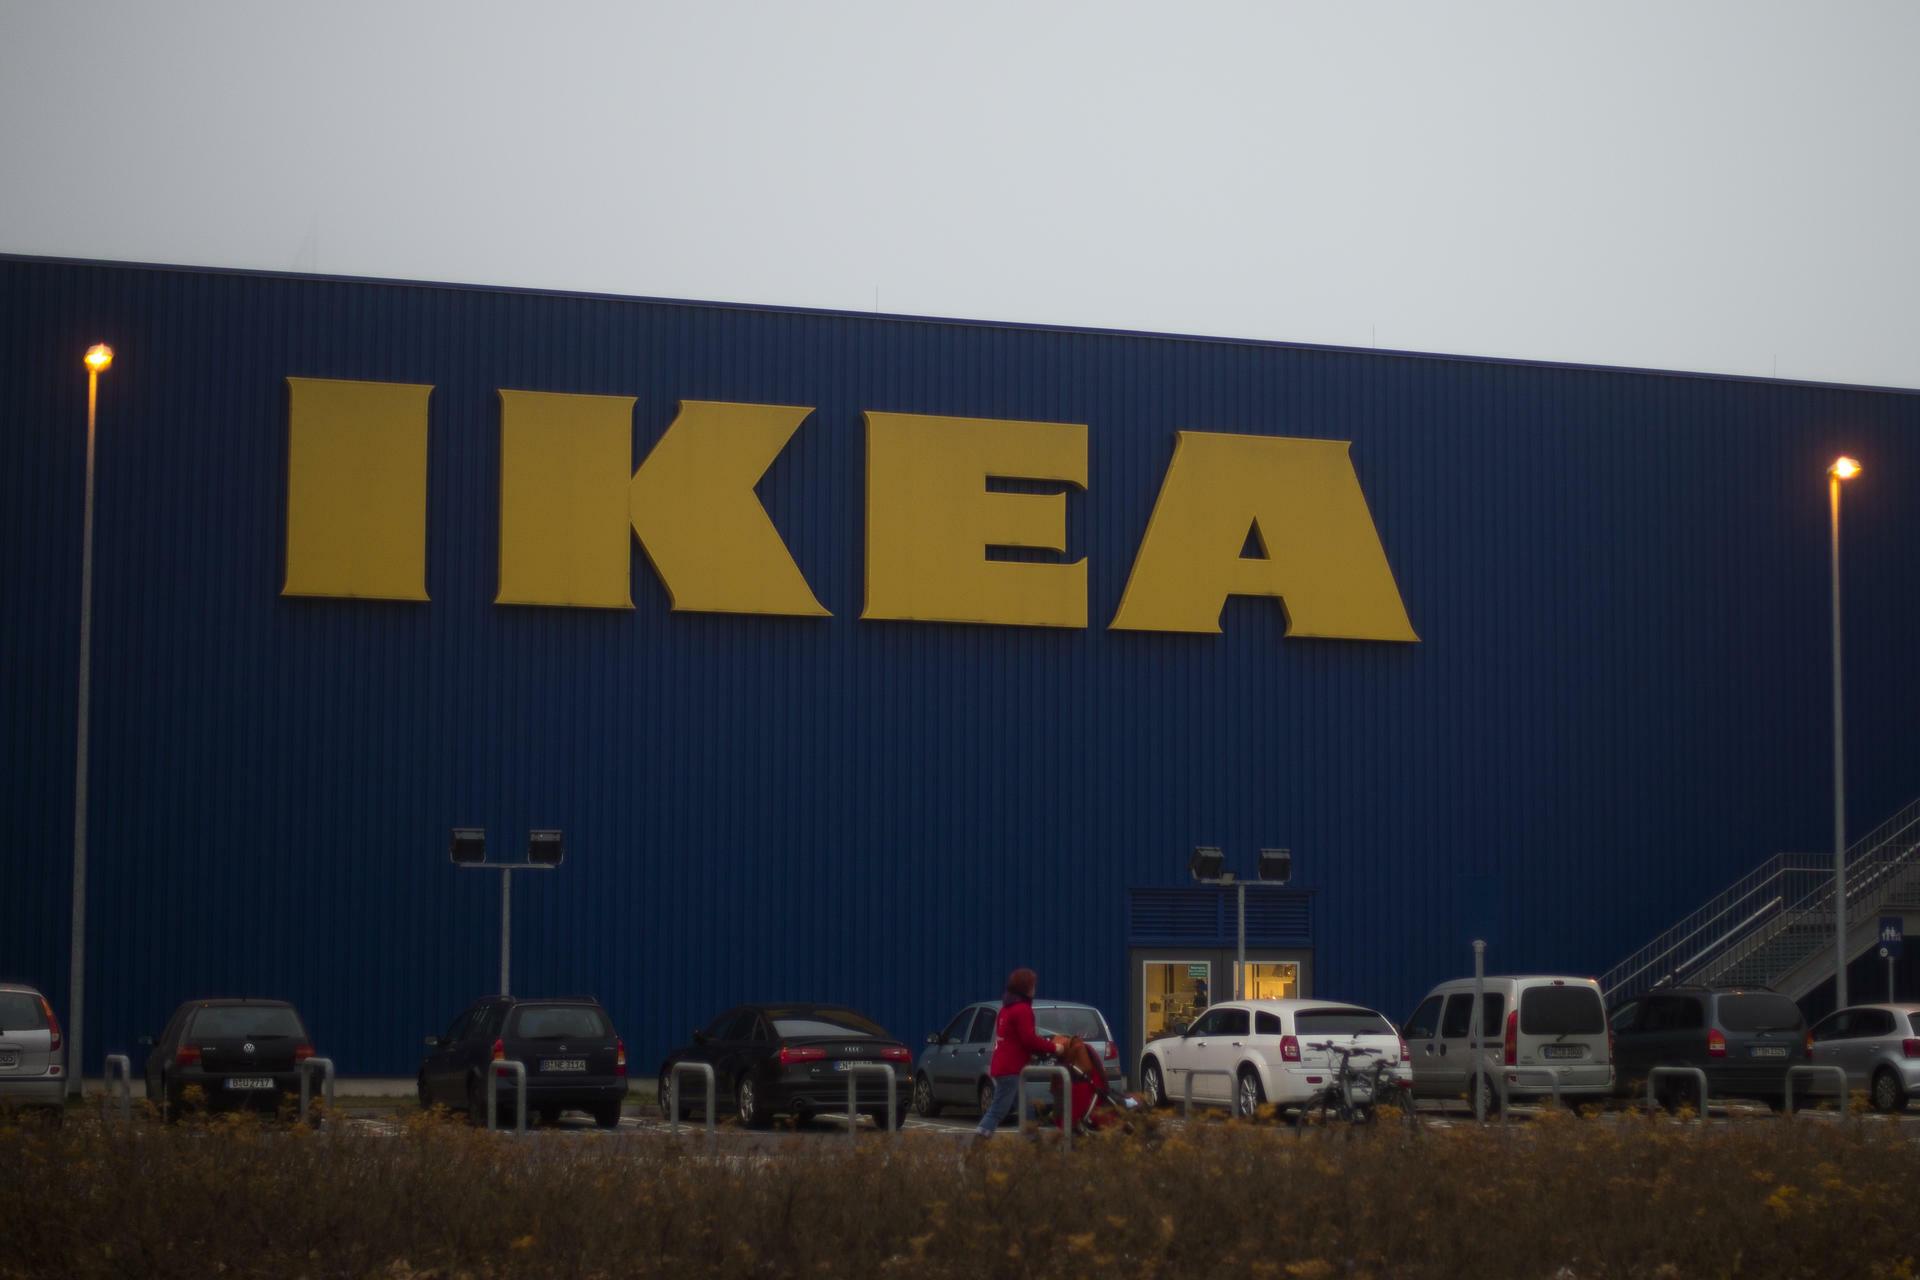 Sechs Neue Möbelhäuser Ikea Investiert Millionen In Frankreich